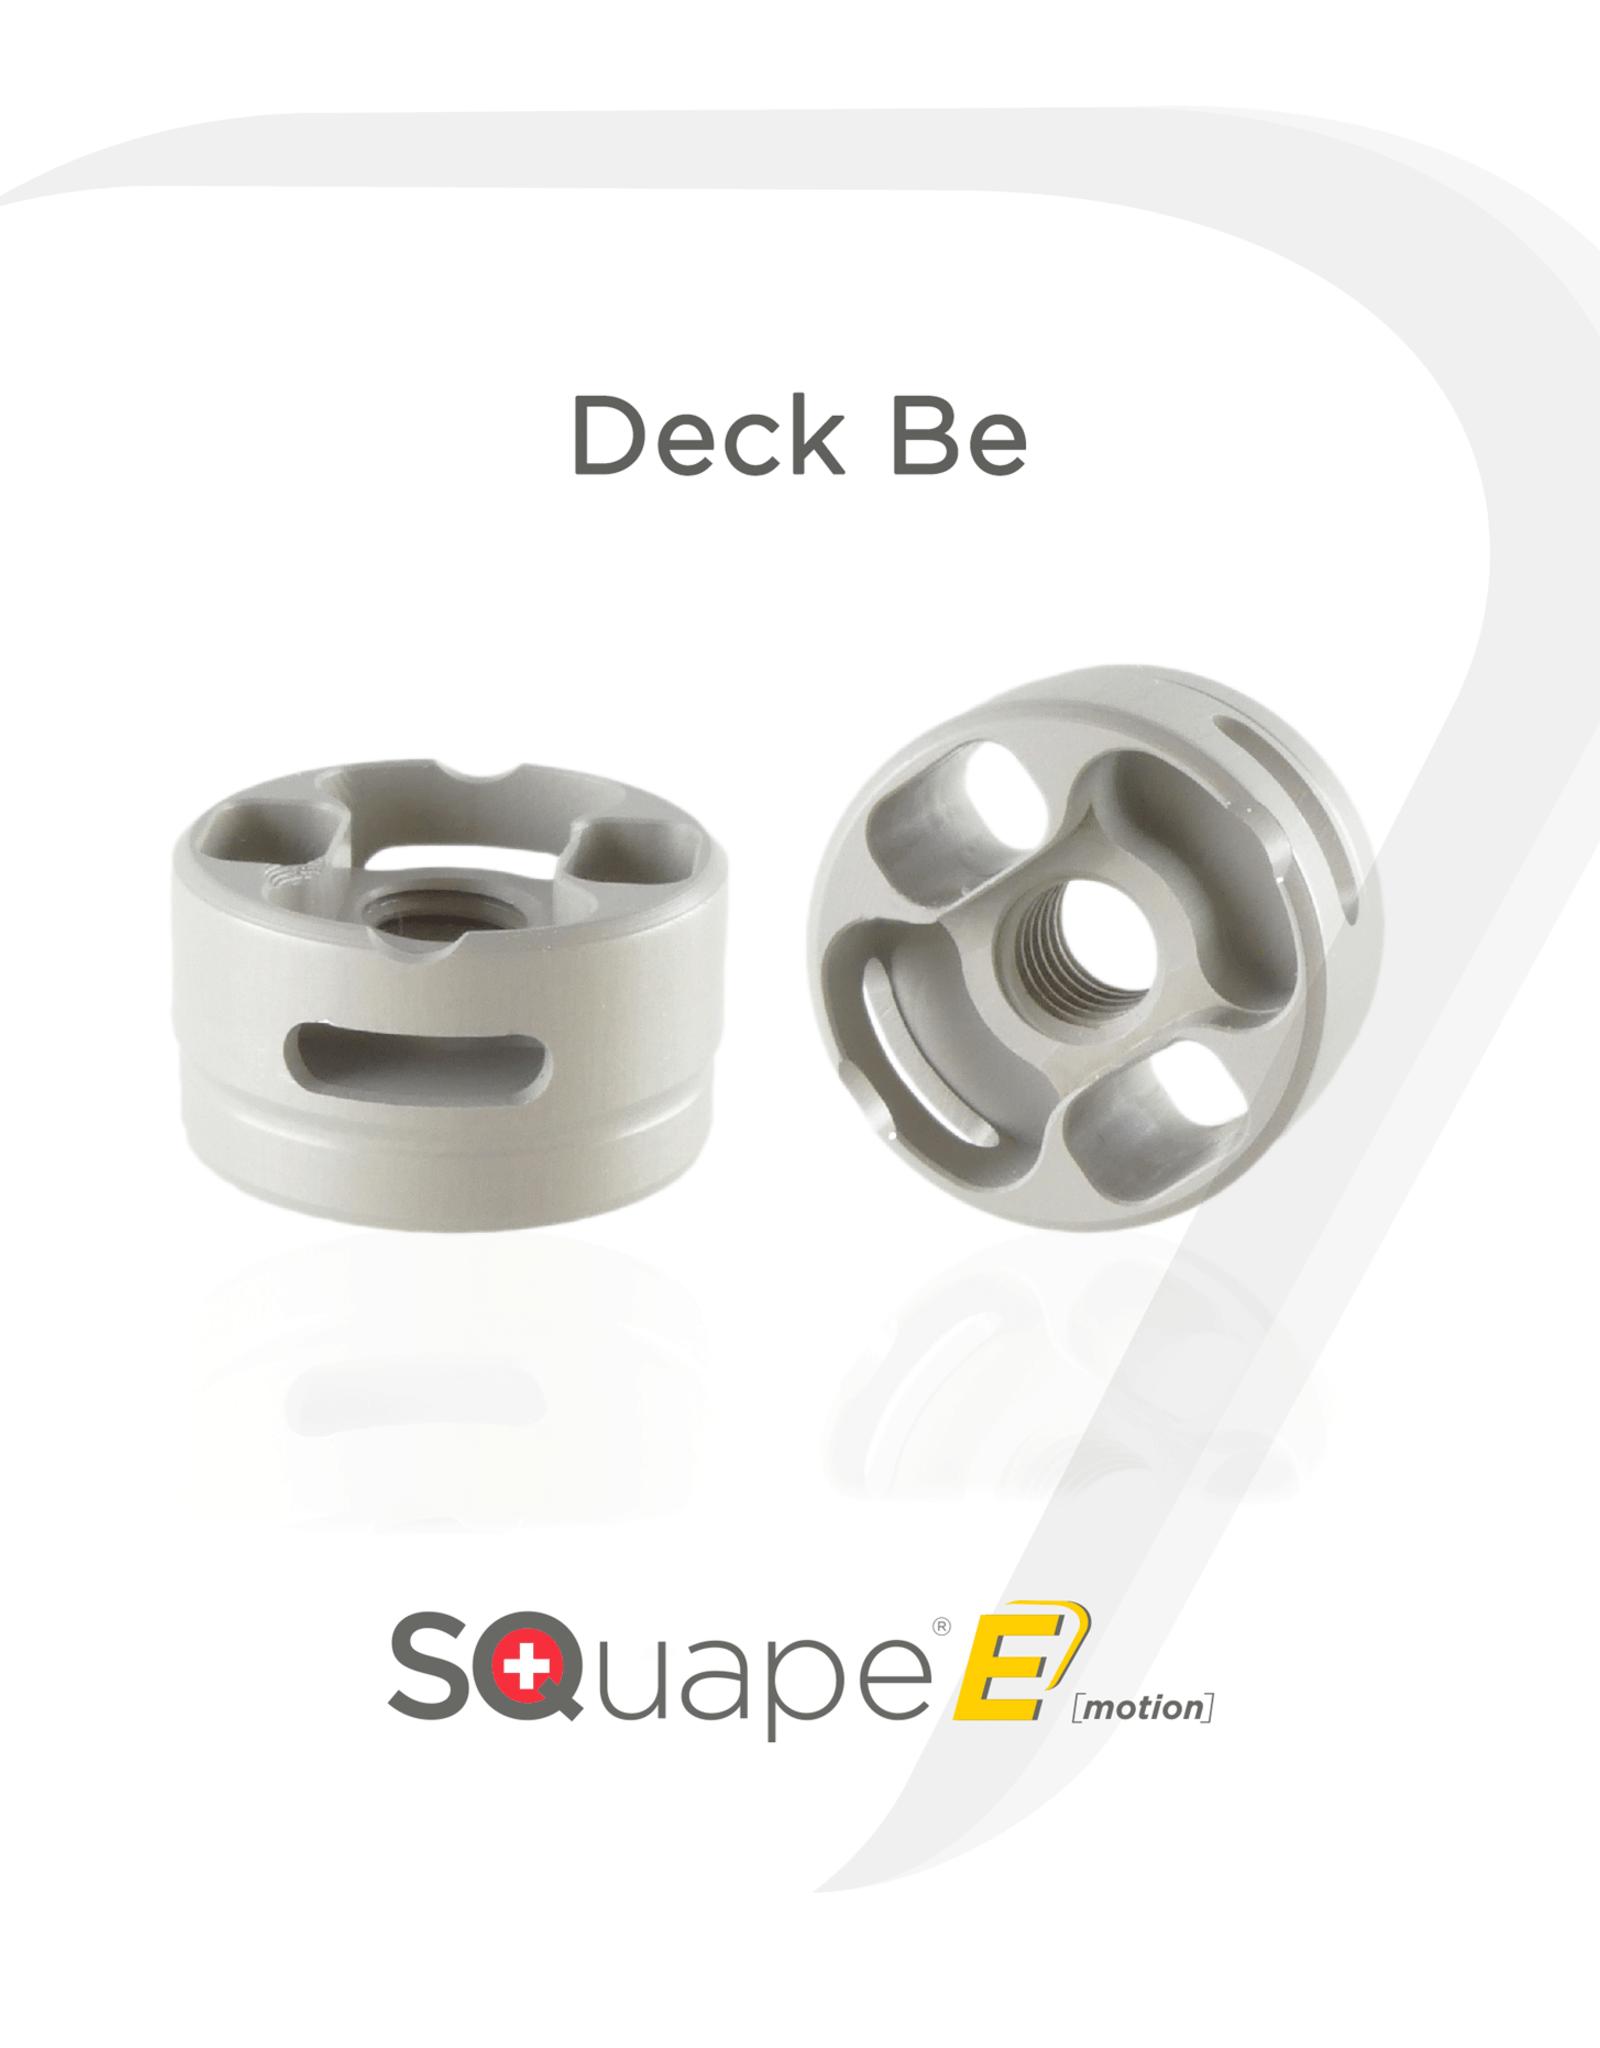 Squape SQuape E[motion] Be Deck